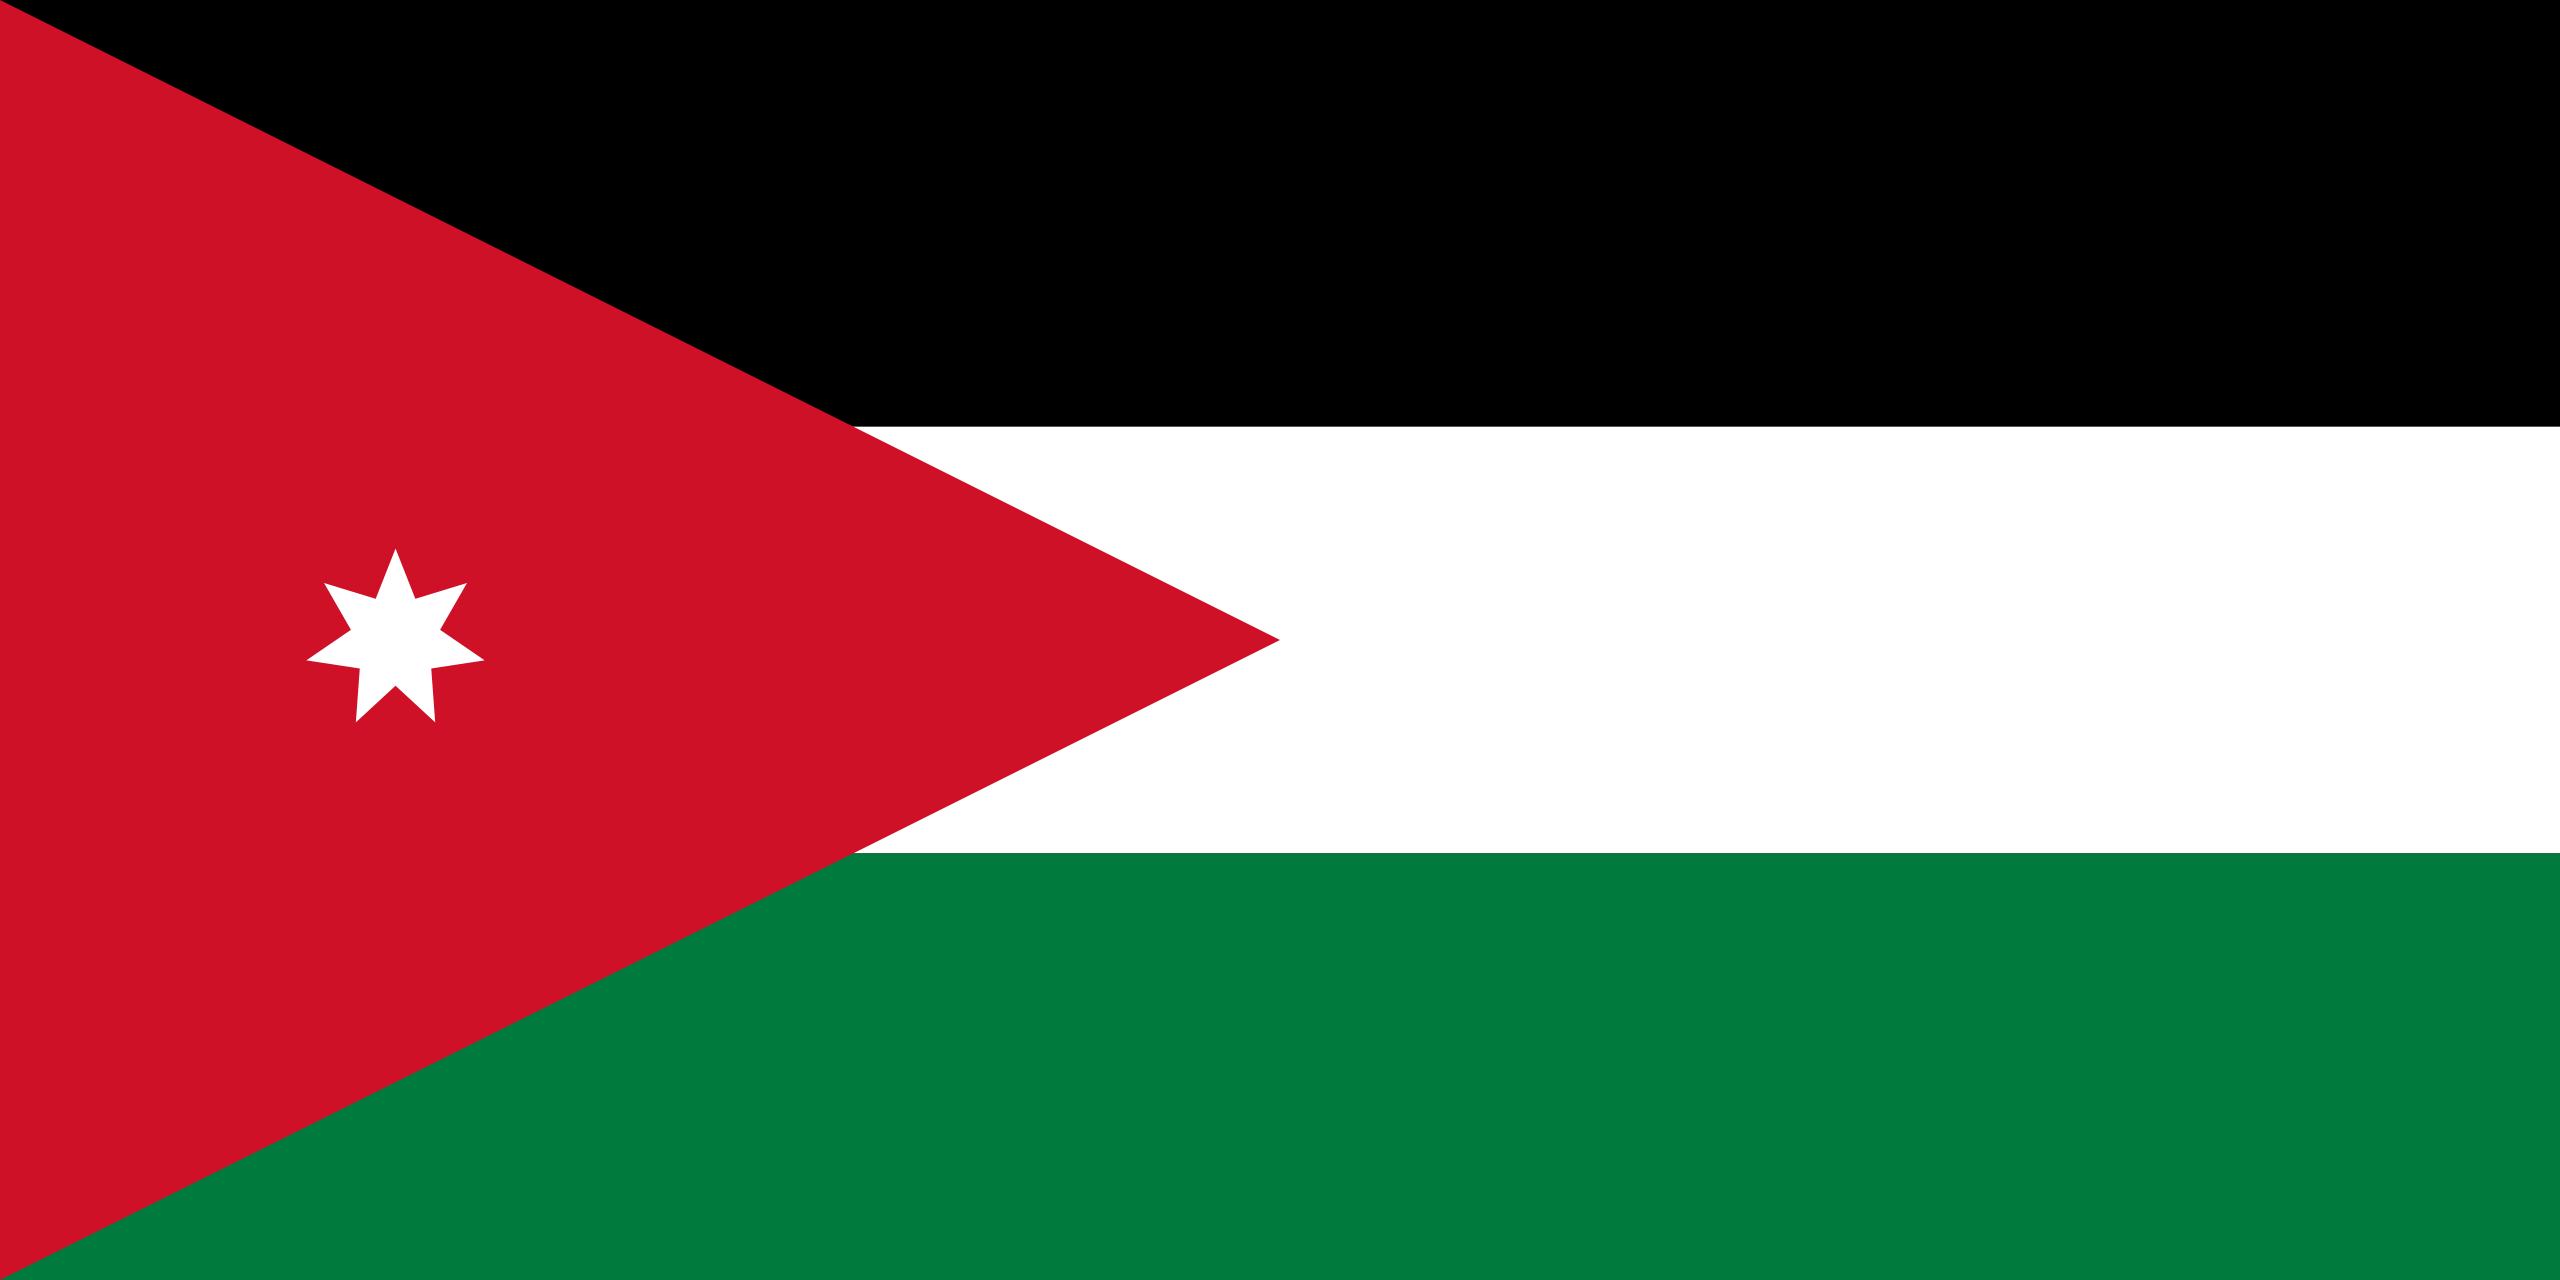 jordania, χώρα, έμβλημα, λογότυπο, σύμβολο - Wallpapers HD - Professor-falken.com